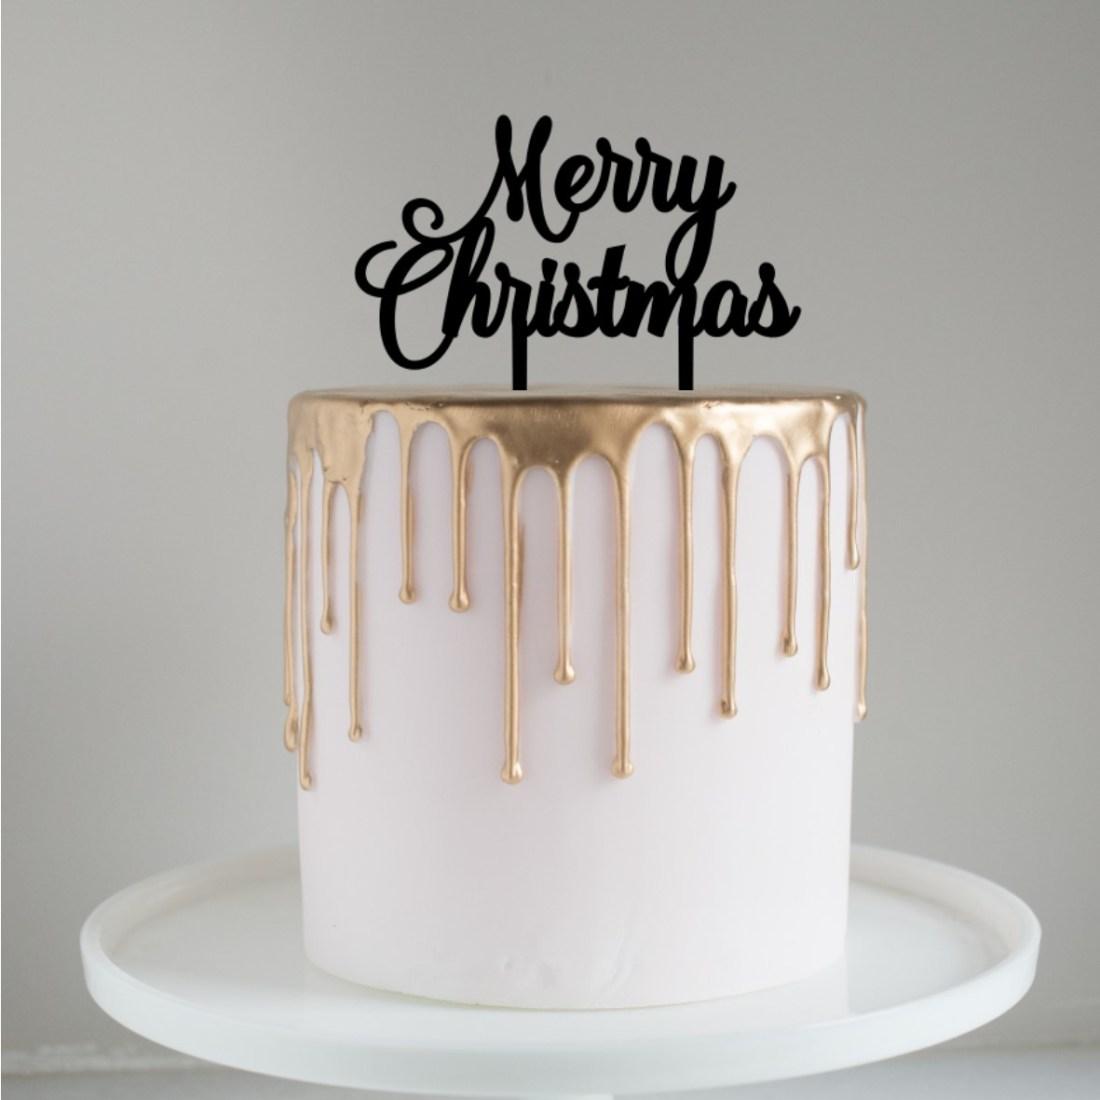 Merry Christmas Script Cake Topper